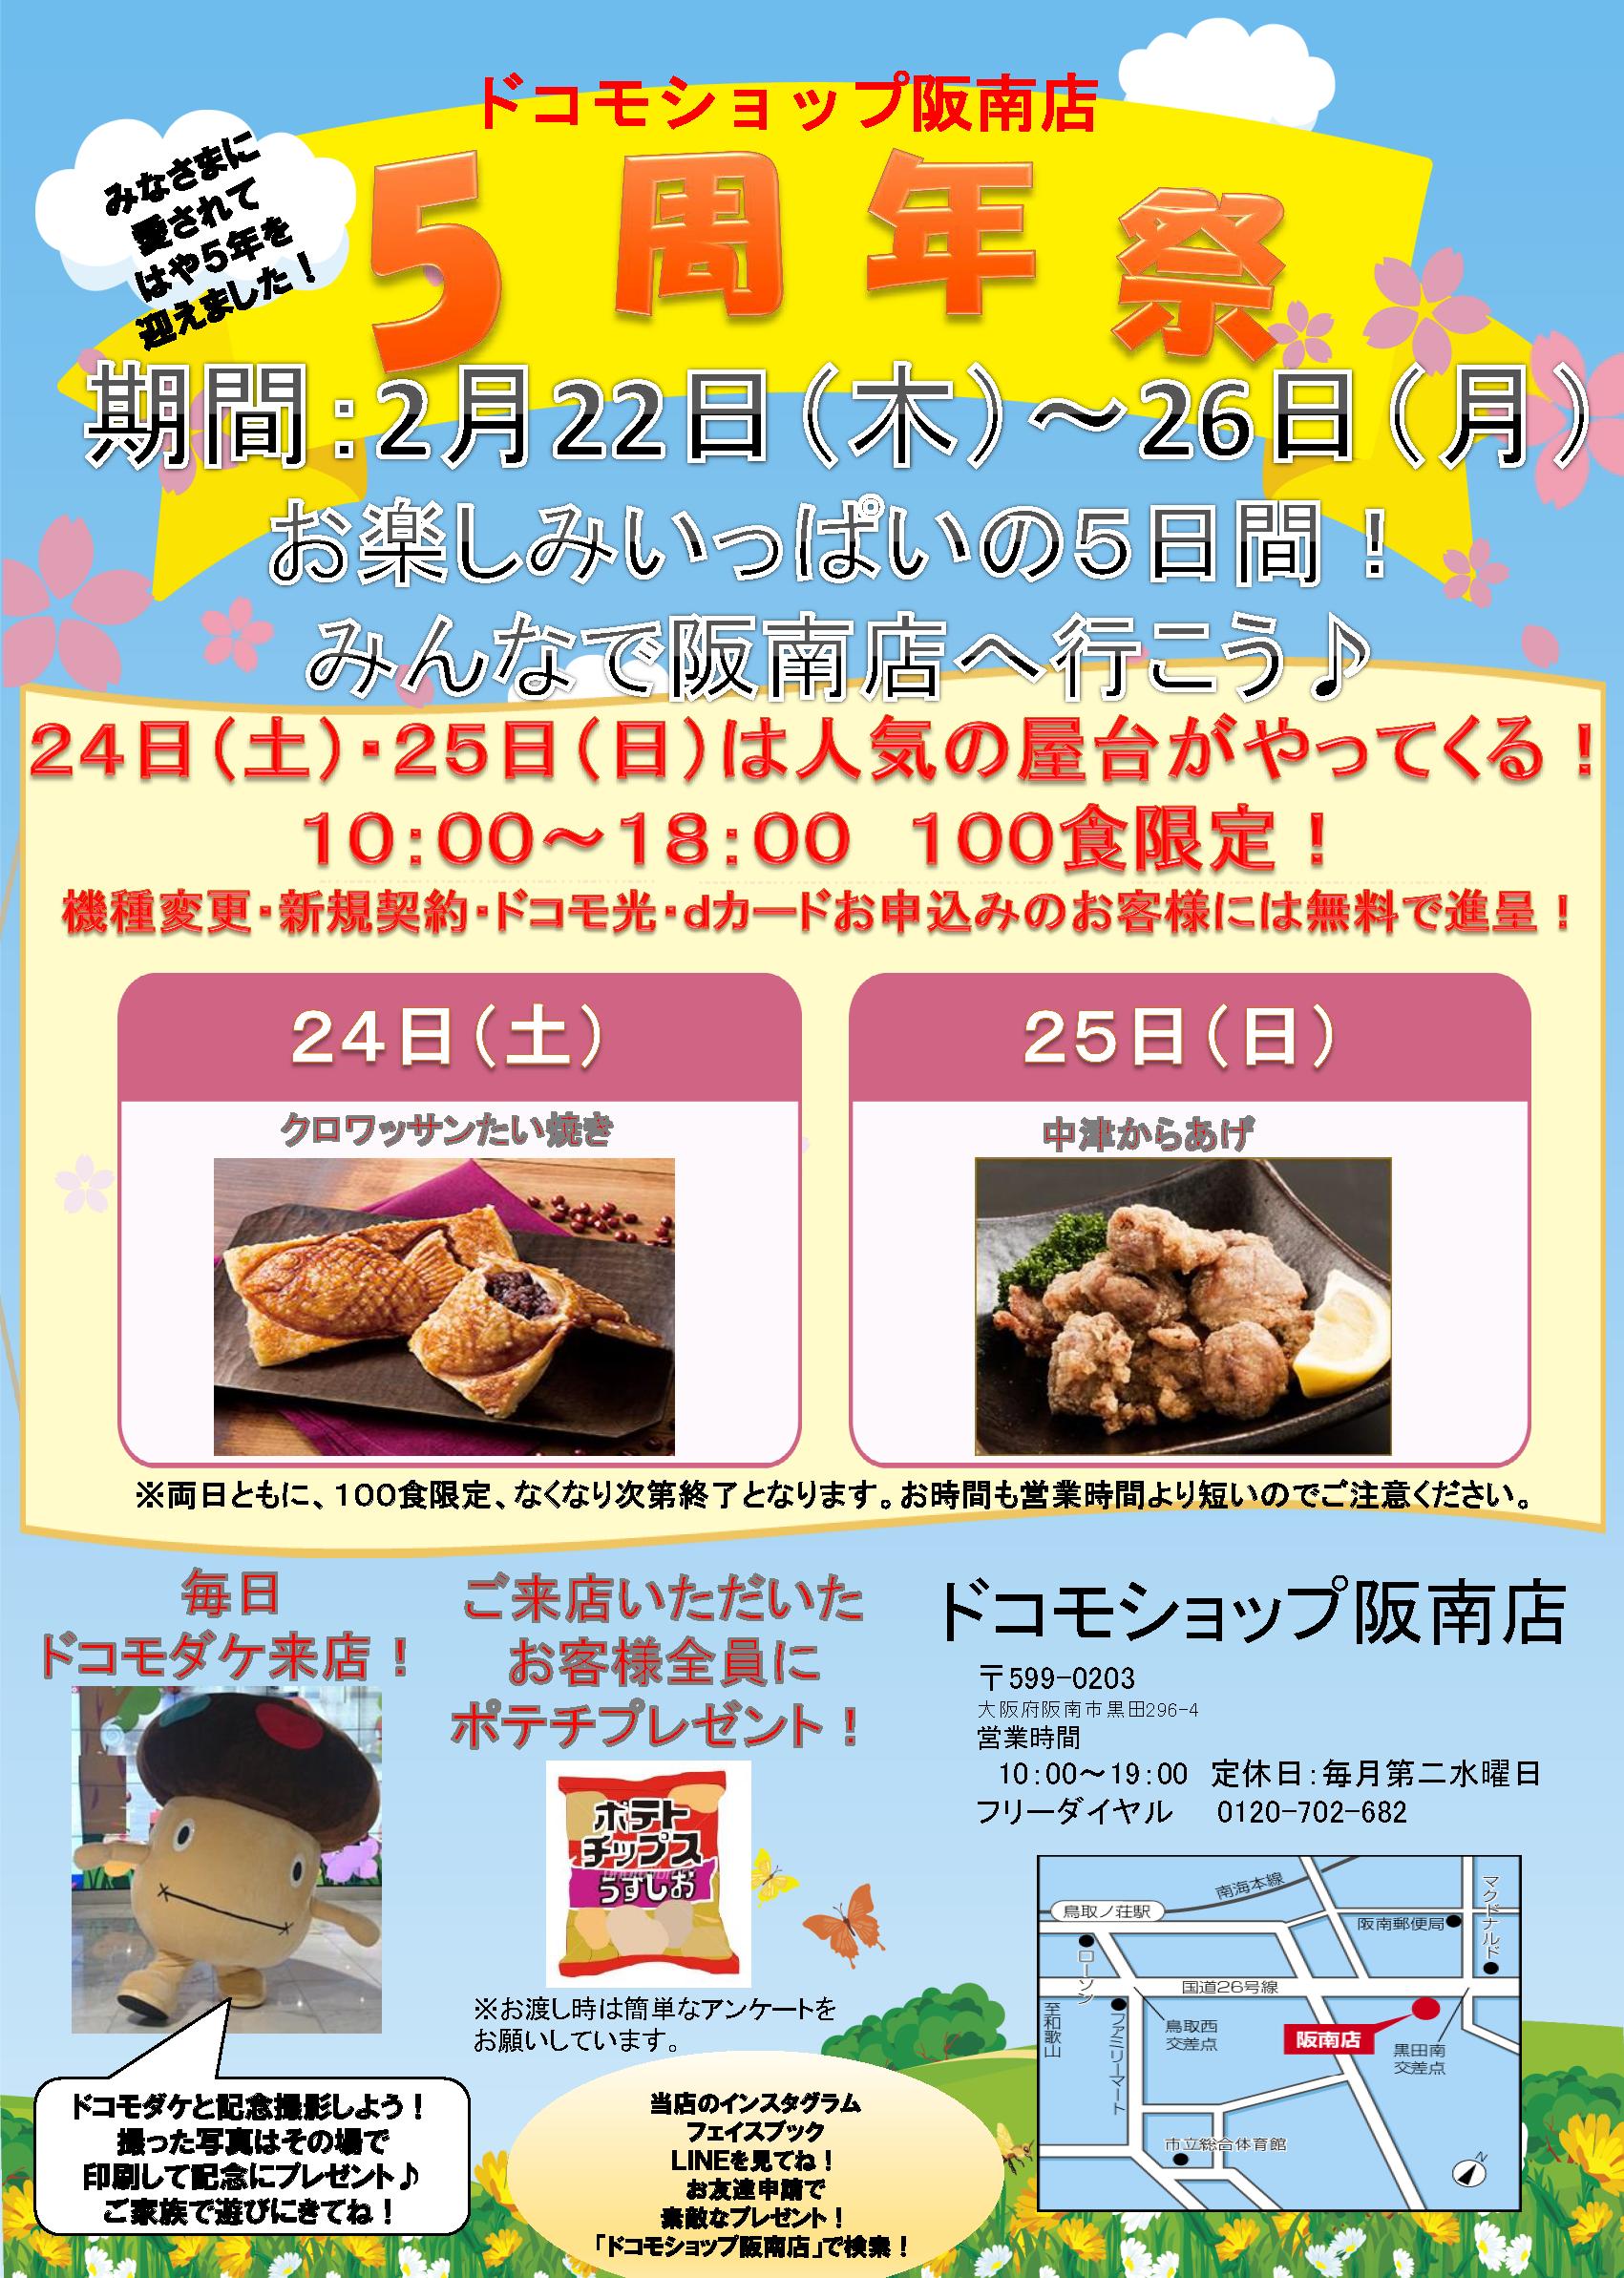 ドコモショップ阪南店 5周年チラシ